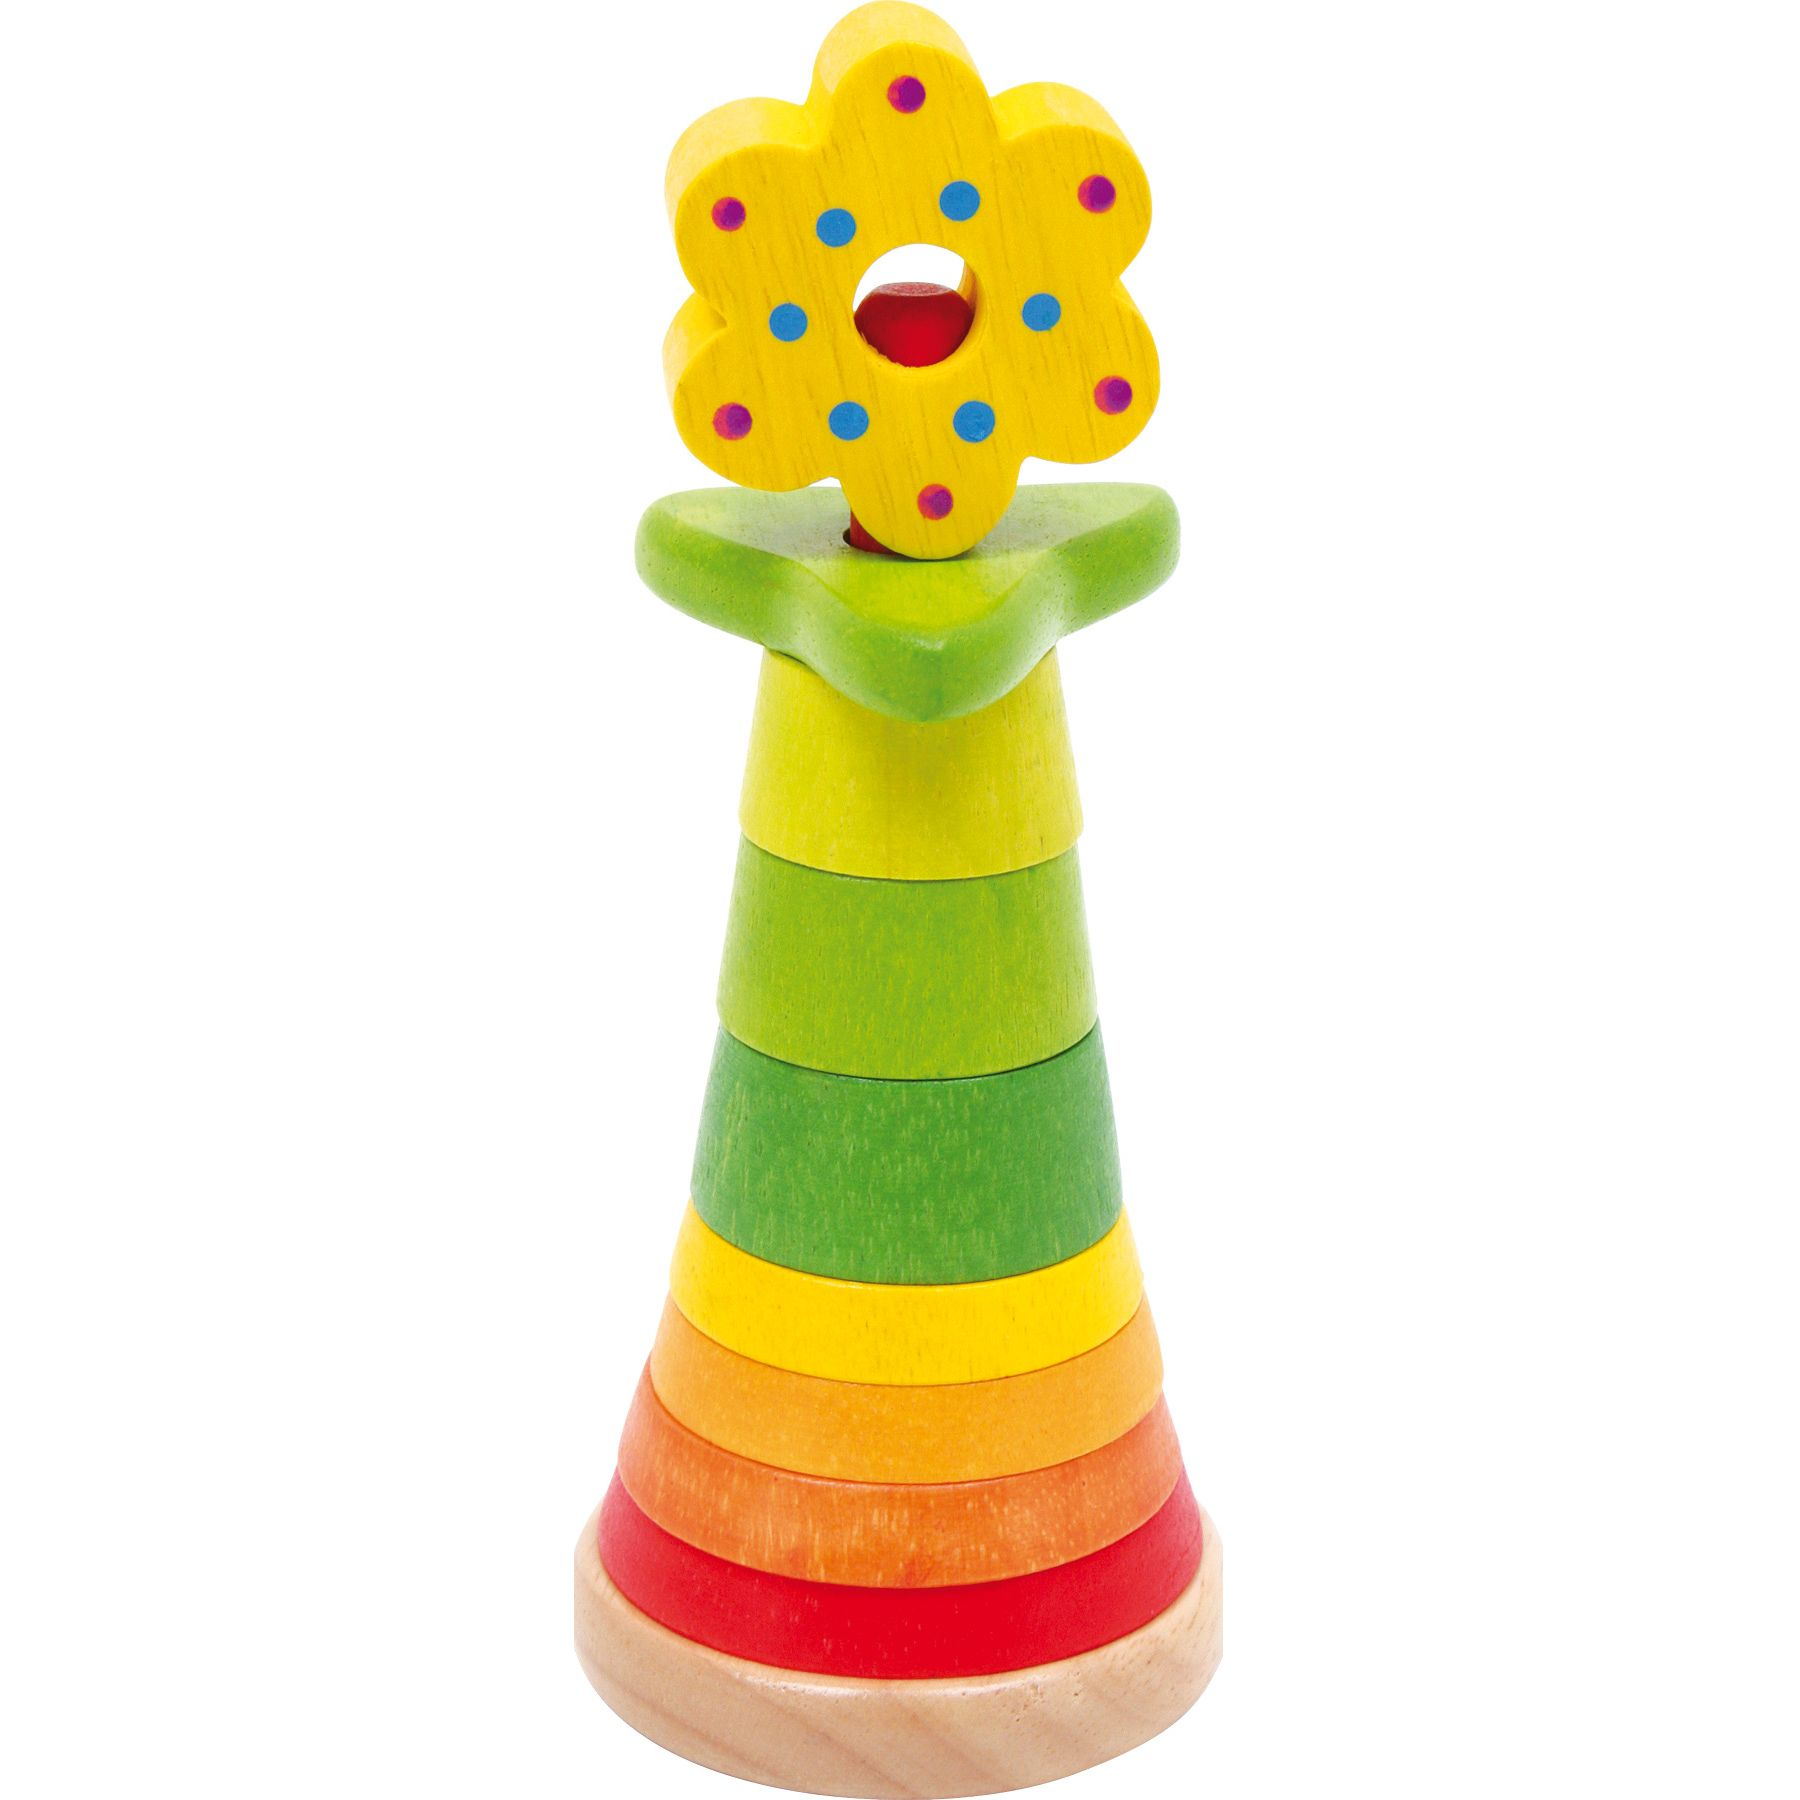 Jeux, Jouets Lelgler - Small foot Fleur en bois à empiler